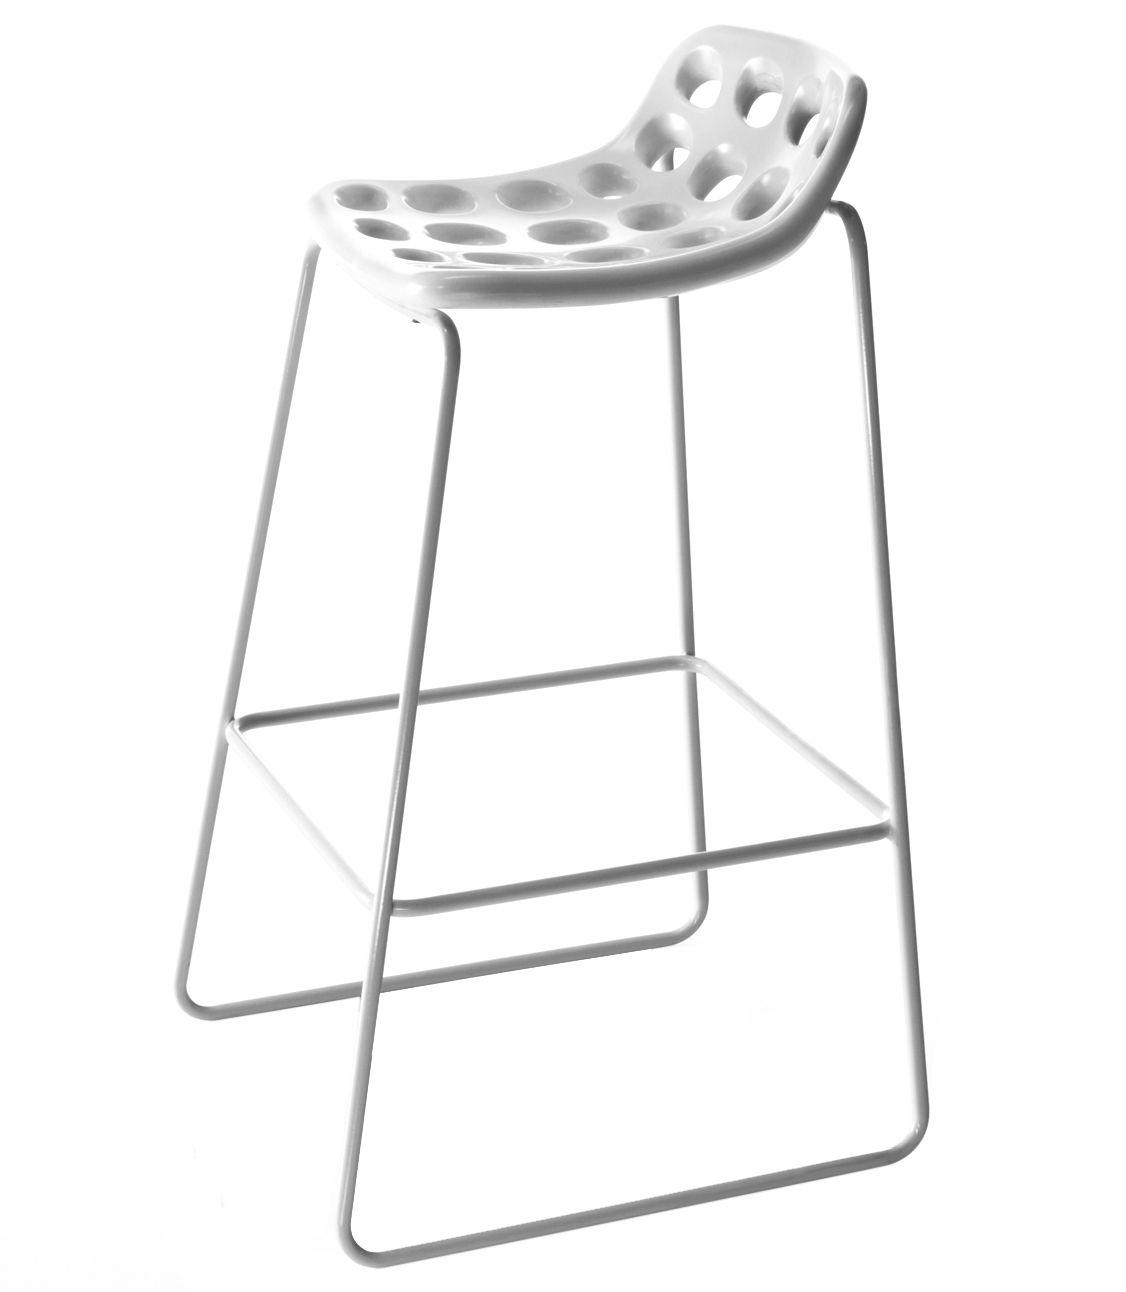 Möbel - Barhocker - Chips Barhocker / H 85 cm - Sitzfläche aus Kunststoff - MyYour - Weiß - Polyäthylen, rostfreier bemalter Stahl